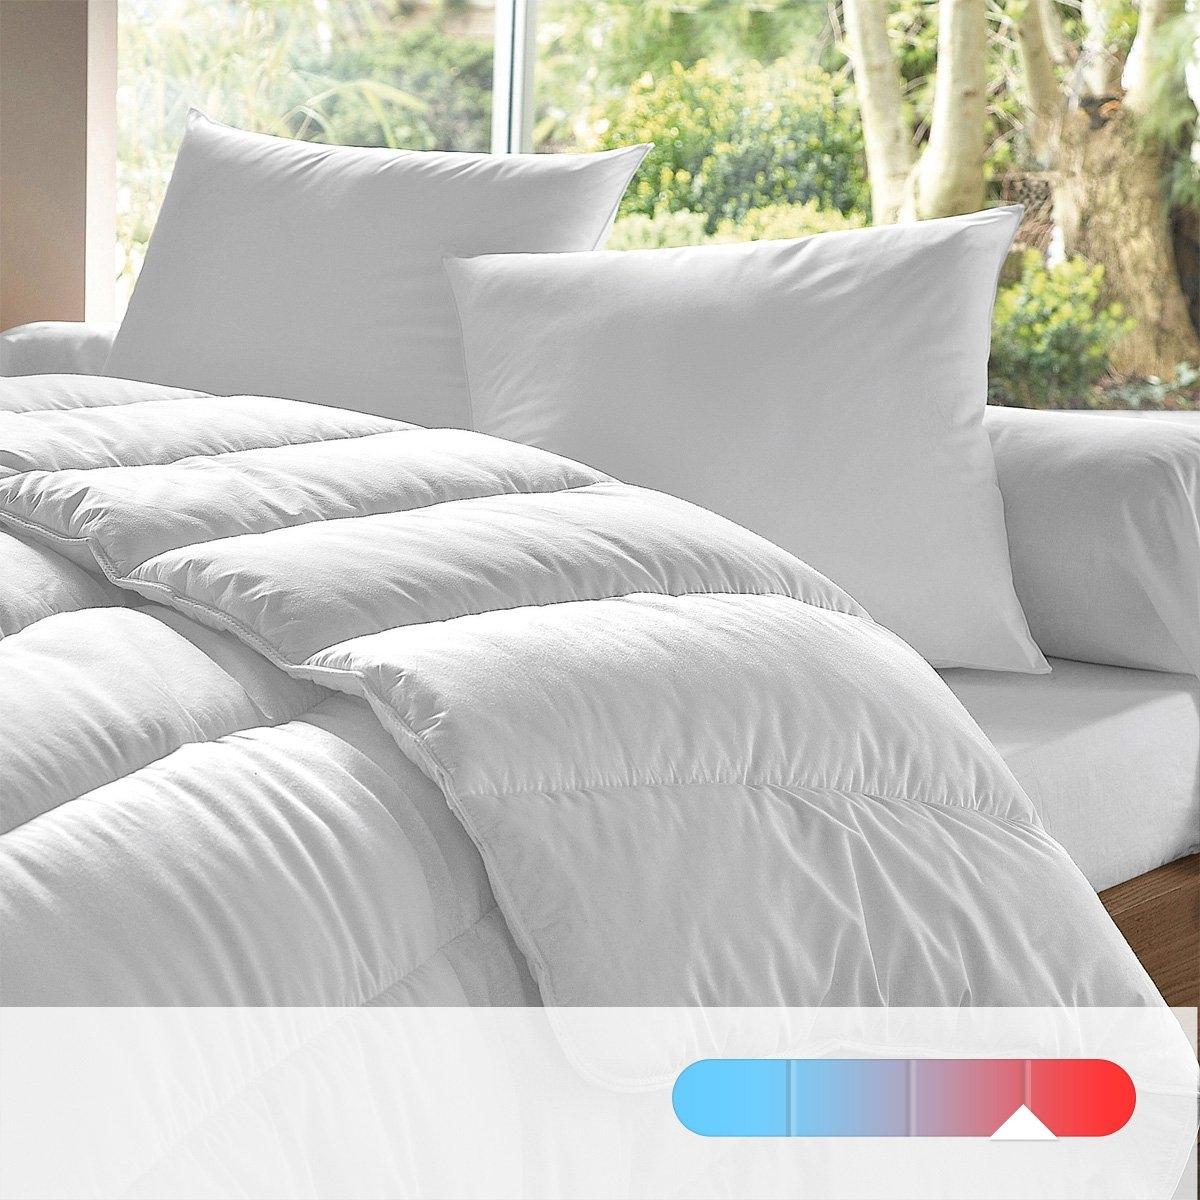 Одеяло 100% полиэстера, 500 г/м², с противоклещевой пропиткой от La Redoute